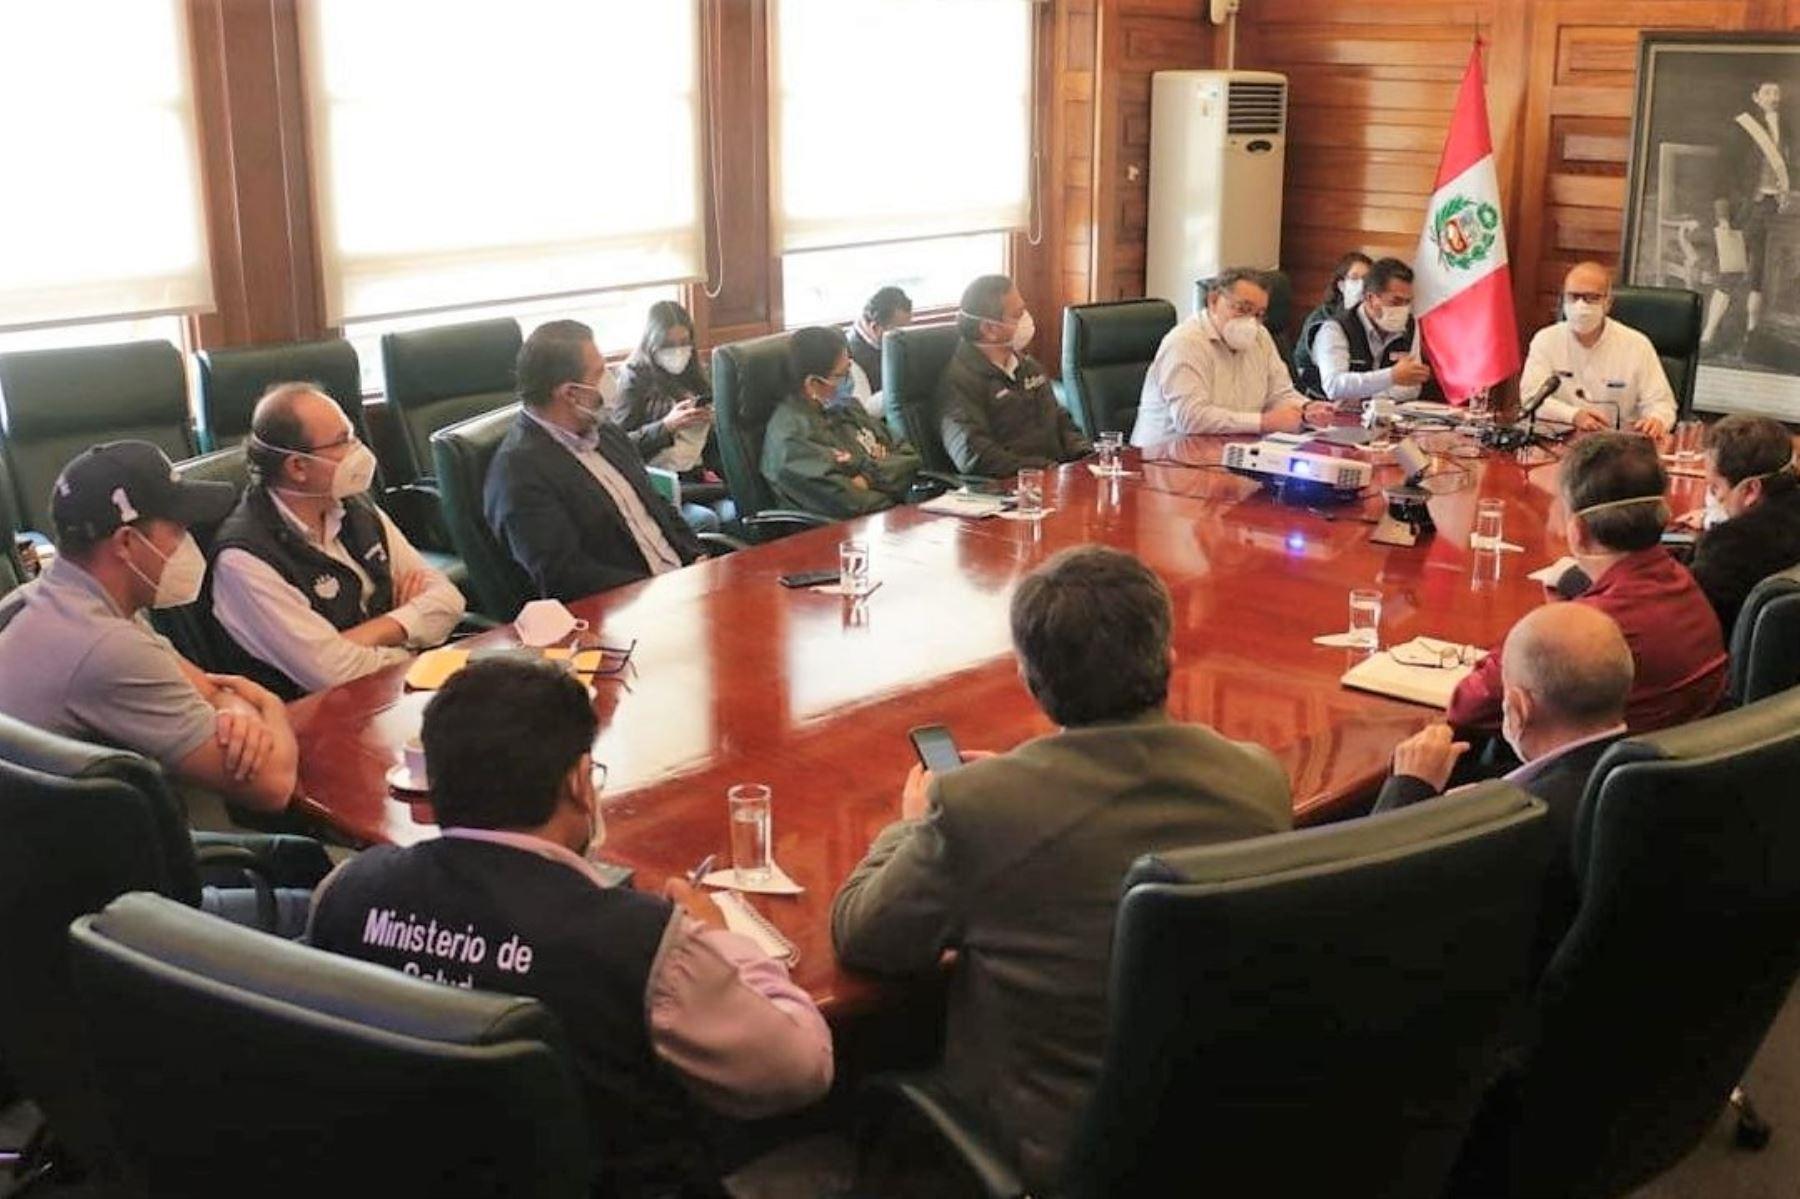 Ministro de Salud, Víctor Zamora, se reunió con alcaldes y representantes de la Mancoumunidad de Lima Centro.